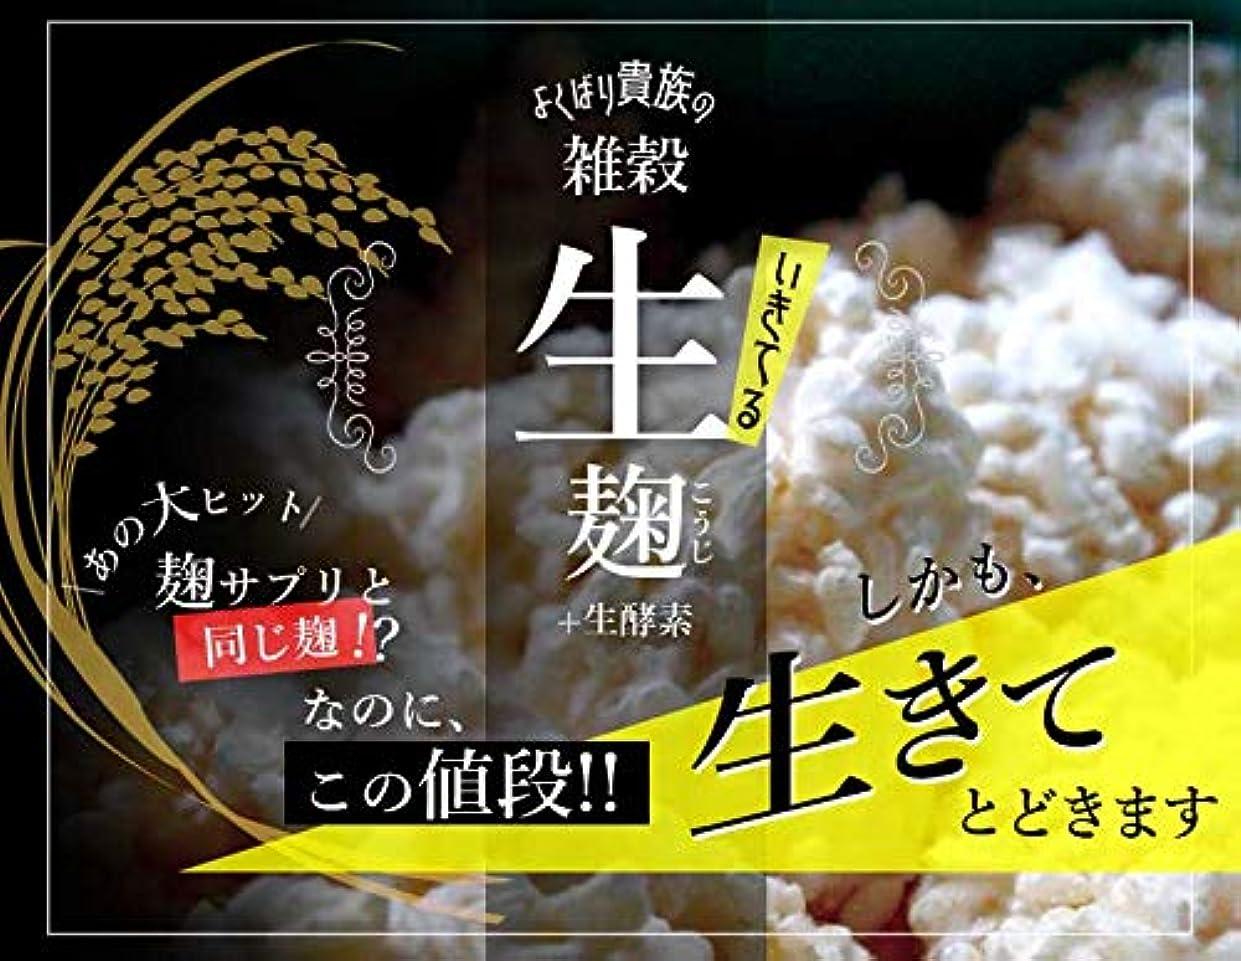 イタリックハウジングシャー「よくばり貴族の雑穀生麹+生酵素」2か月分